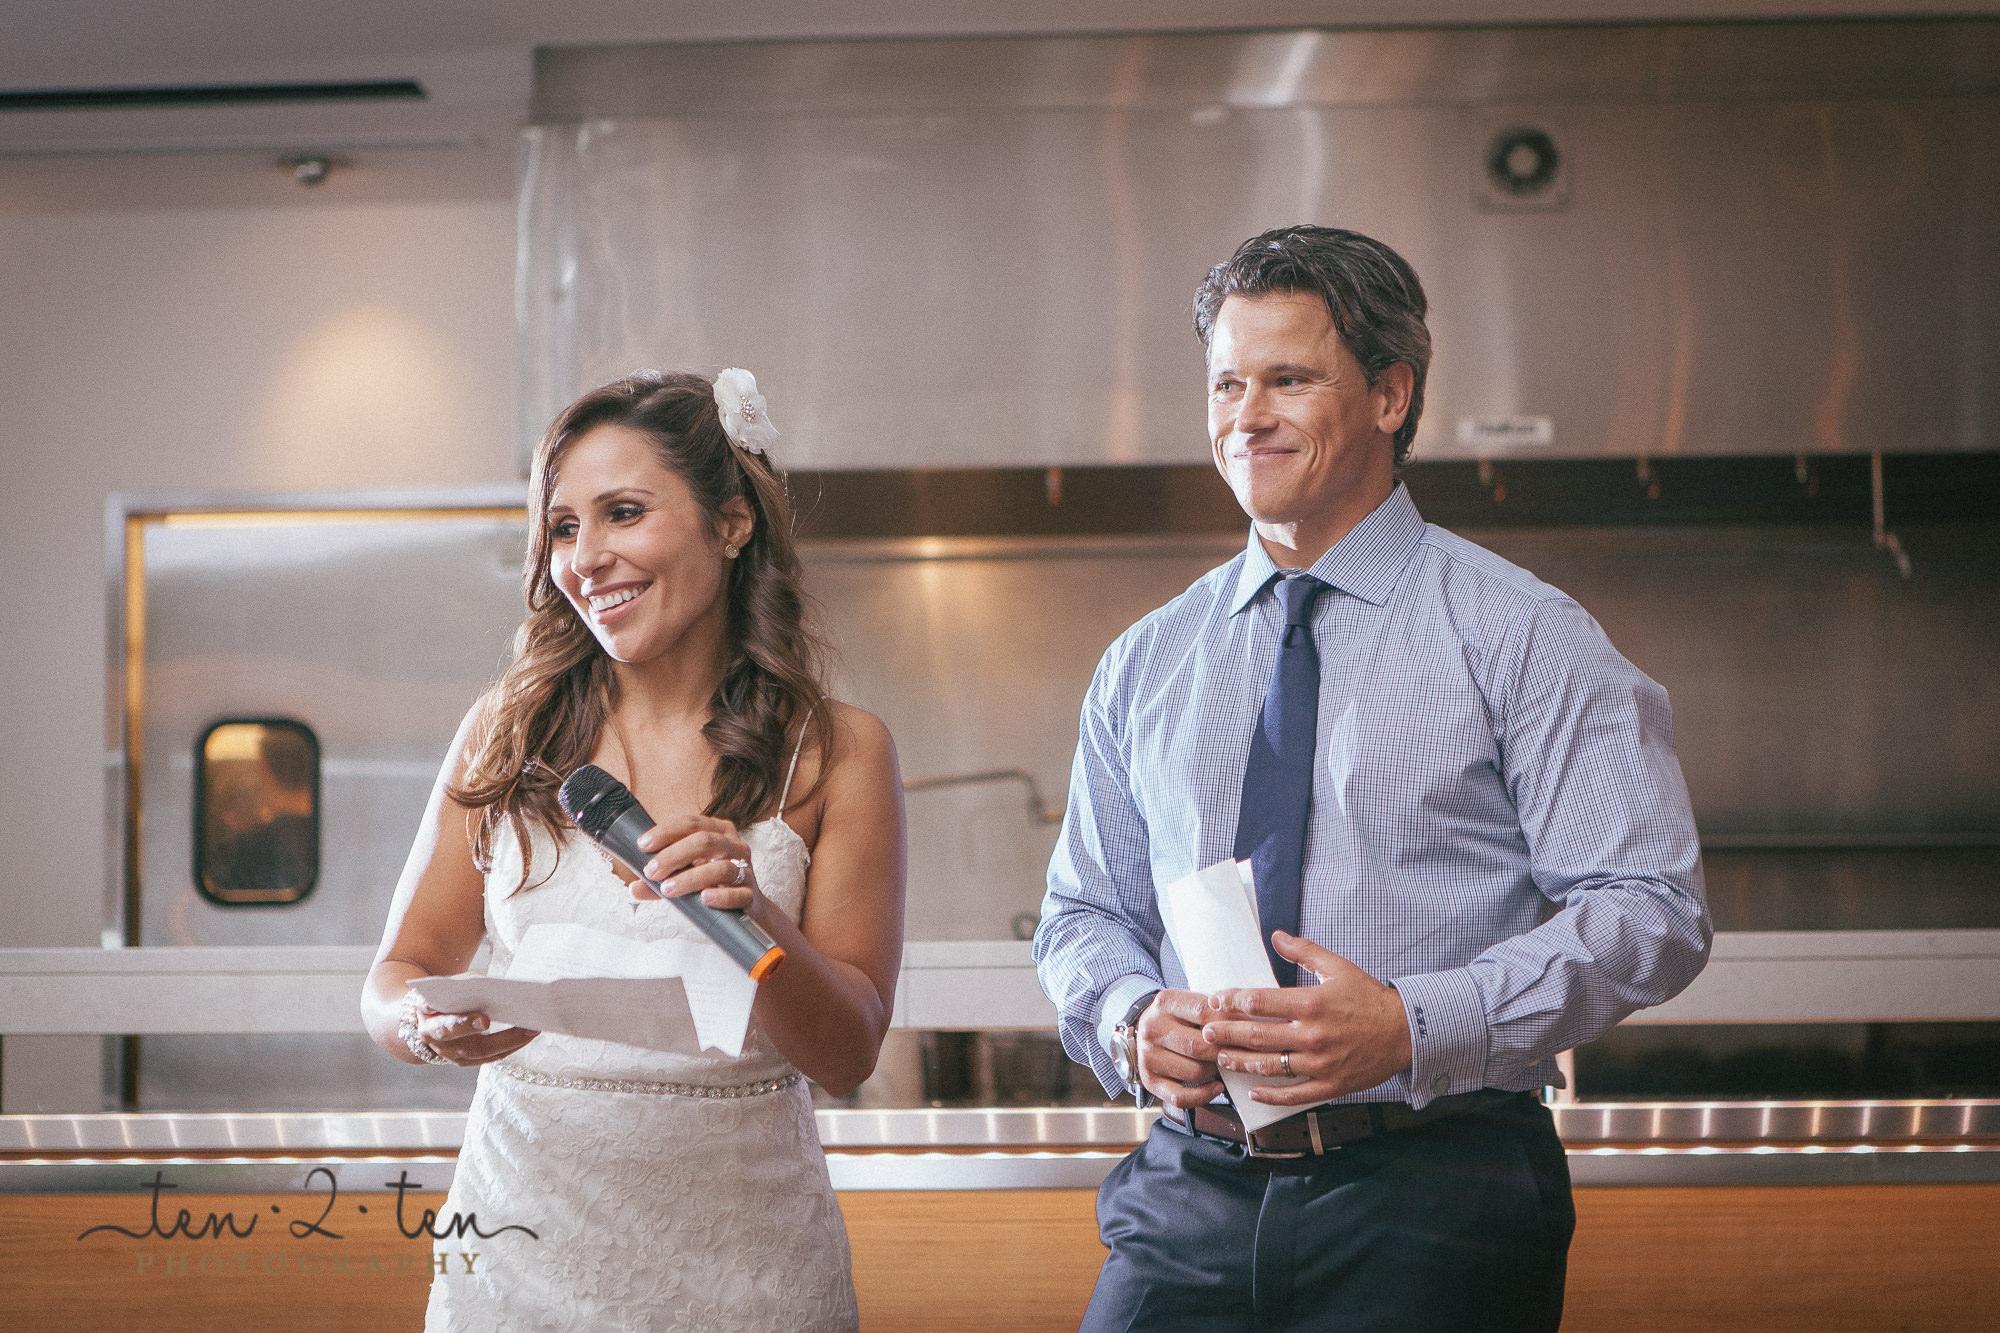 mildreds temple kitchen wedding photos 465 - Mildred's Temple Kitchen Wedding Photos